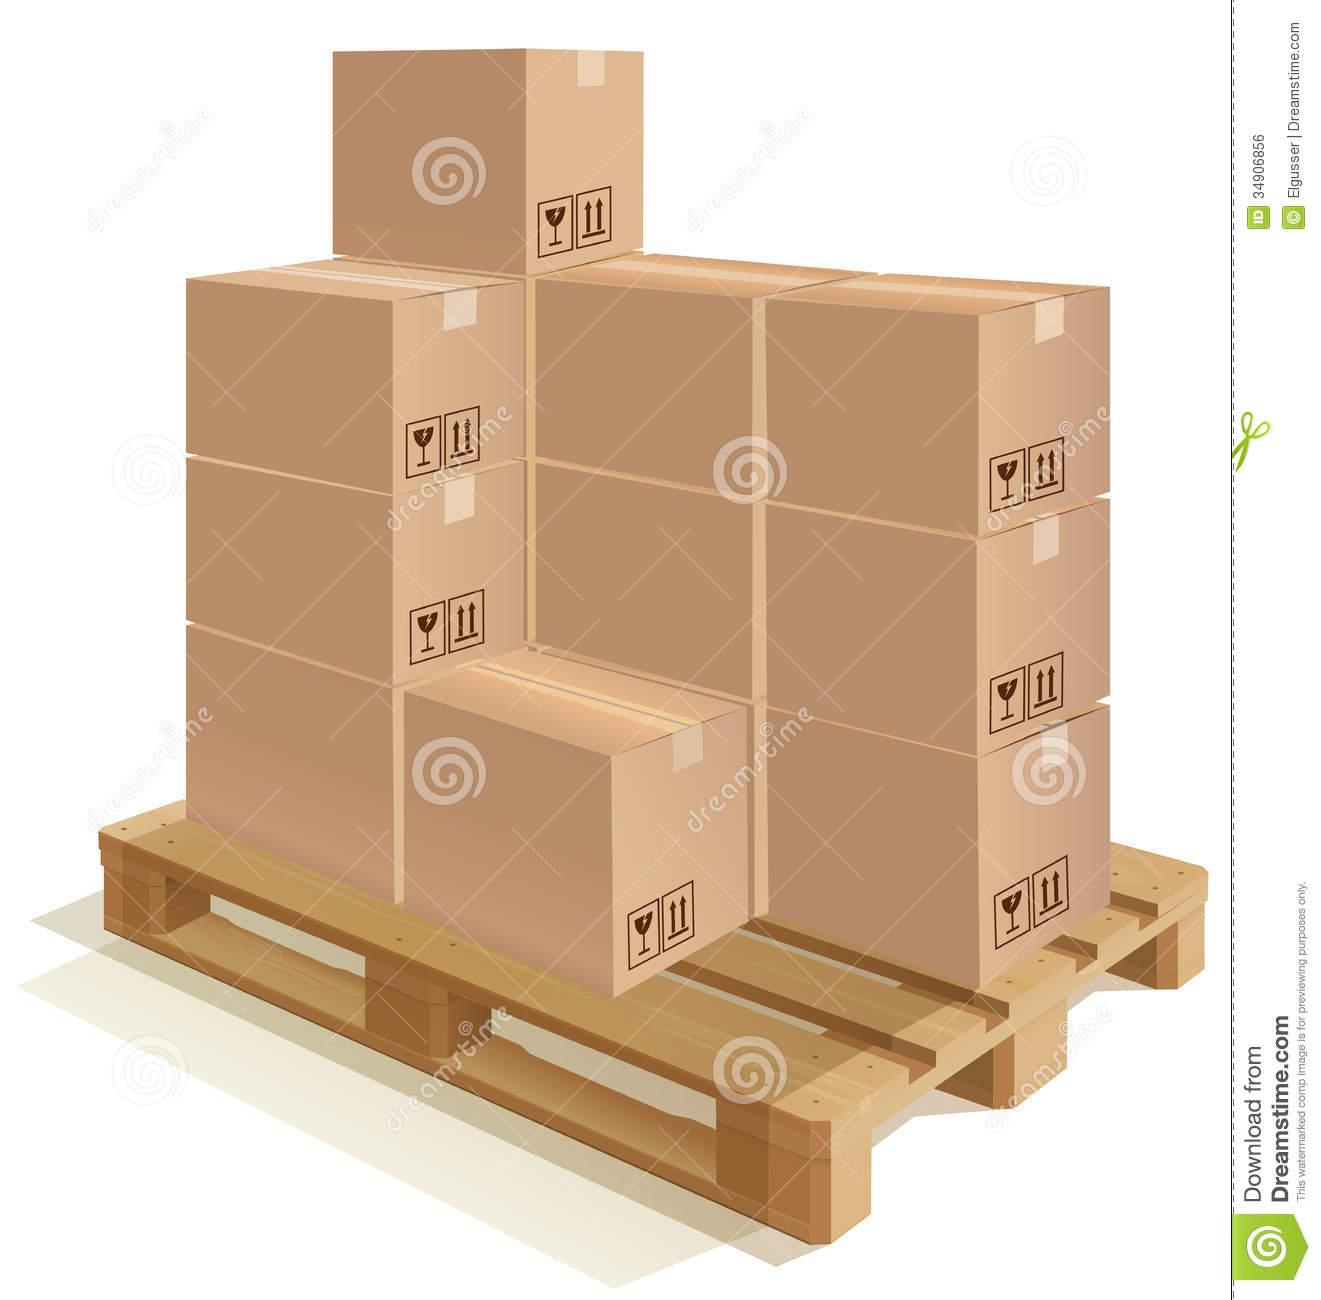 Boxes clip art.